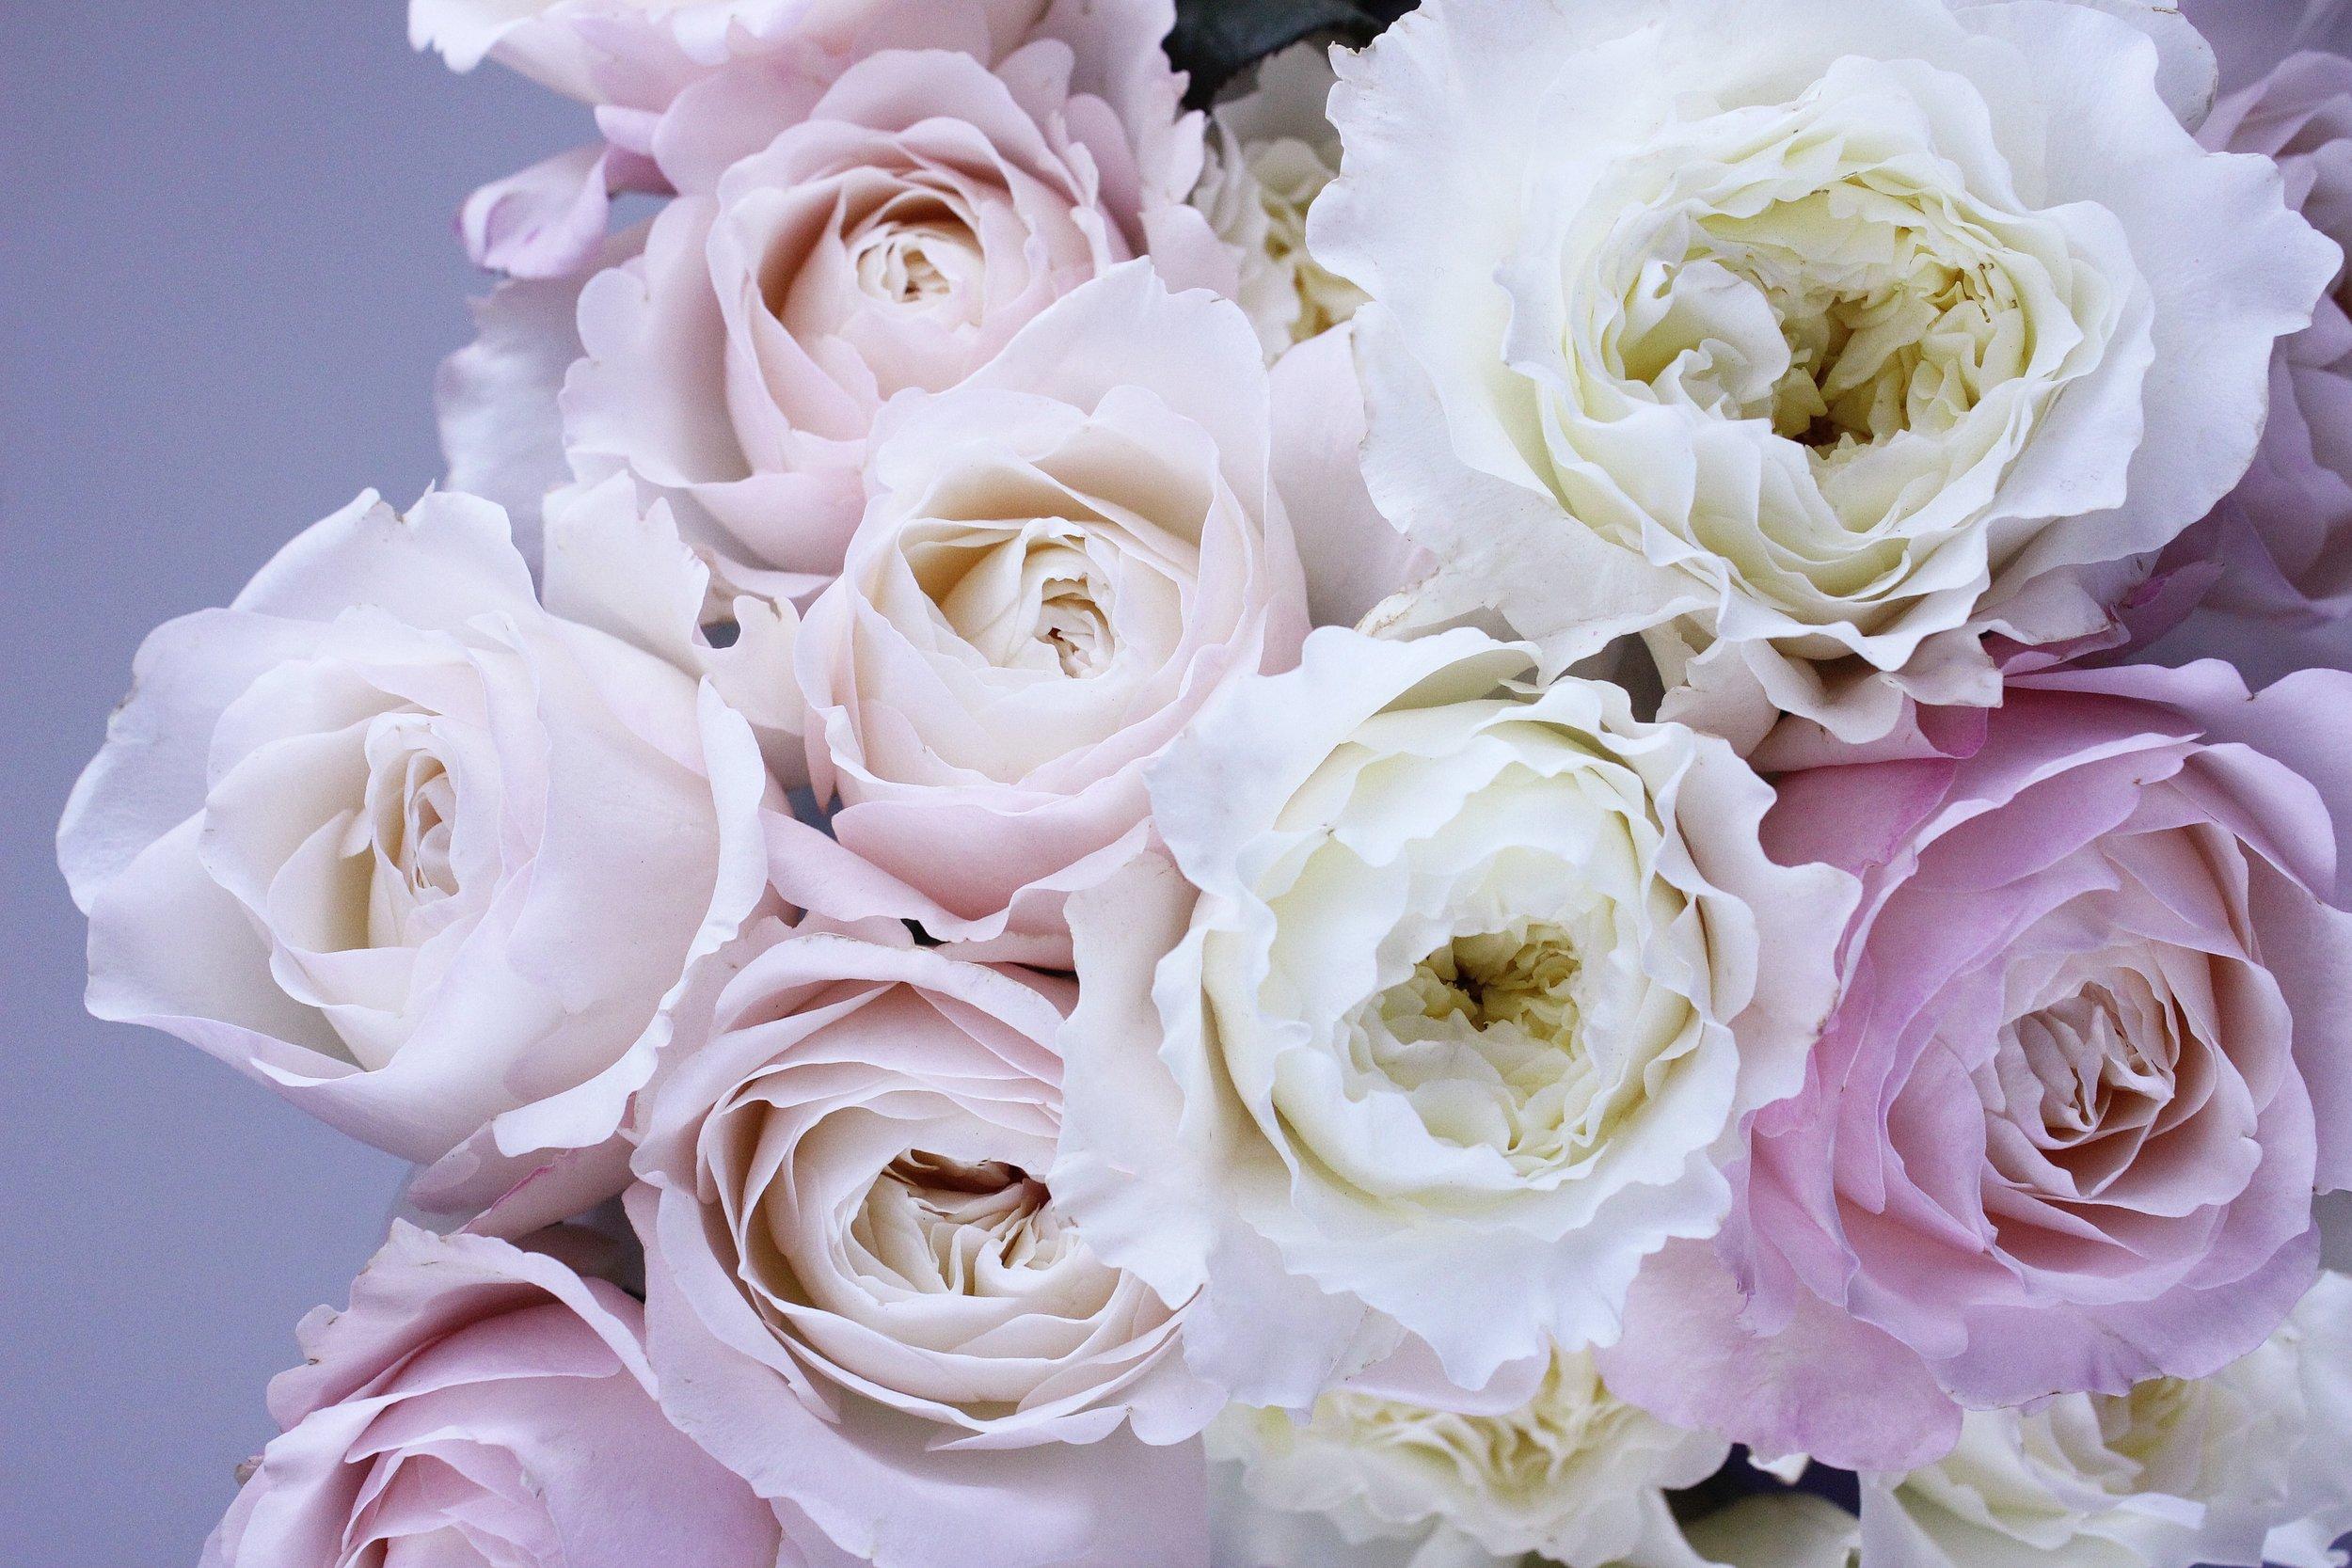 bloom-blooming-blossom-122737.jpg